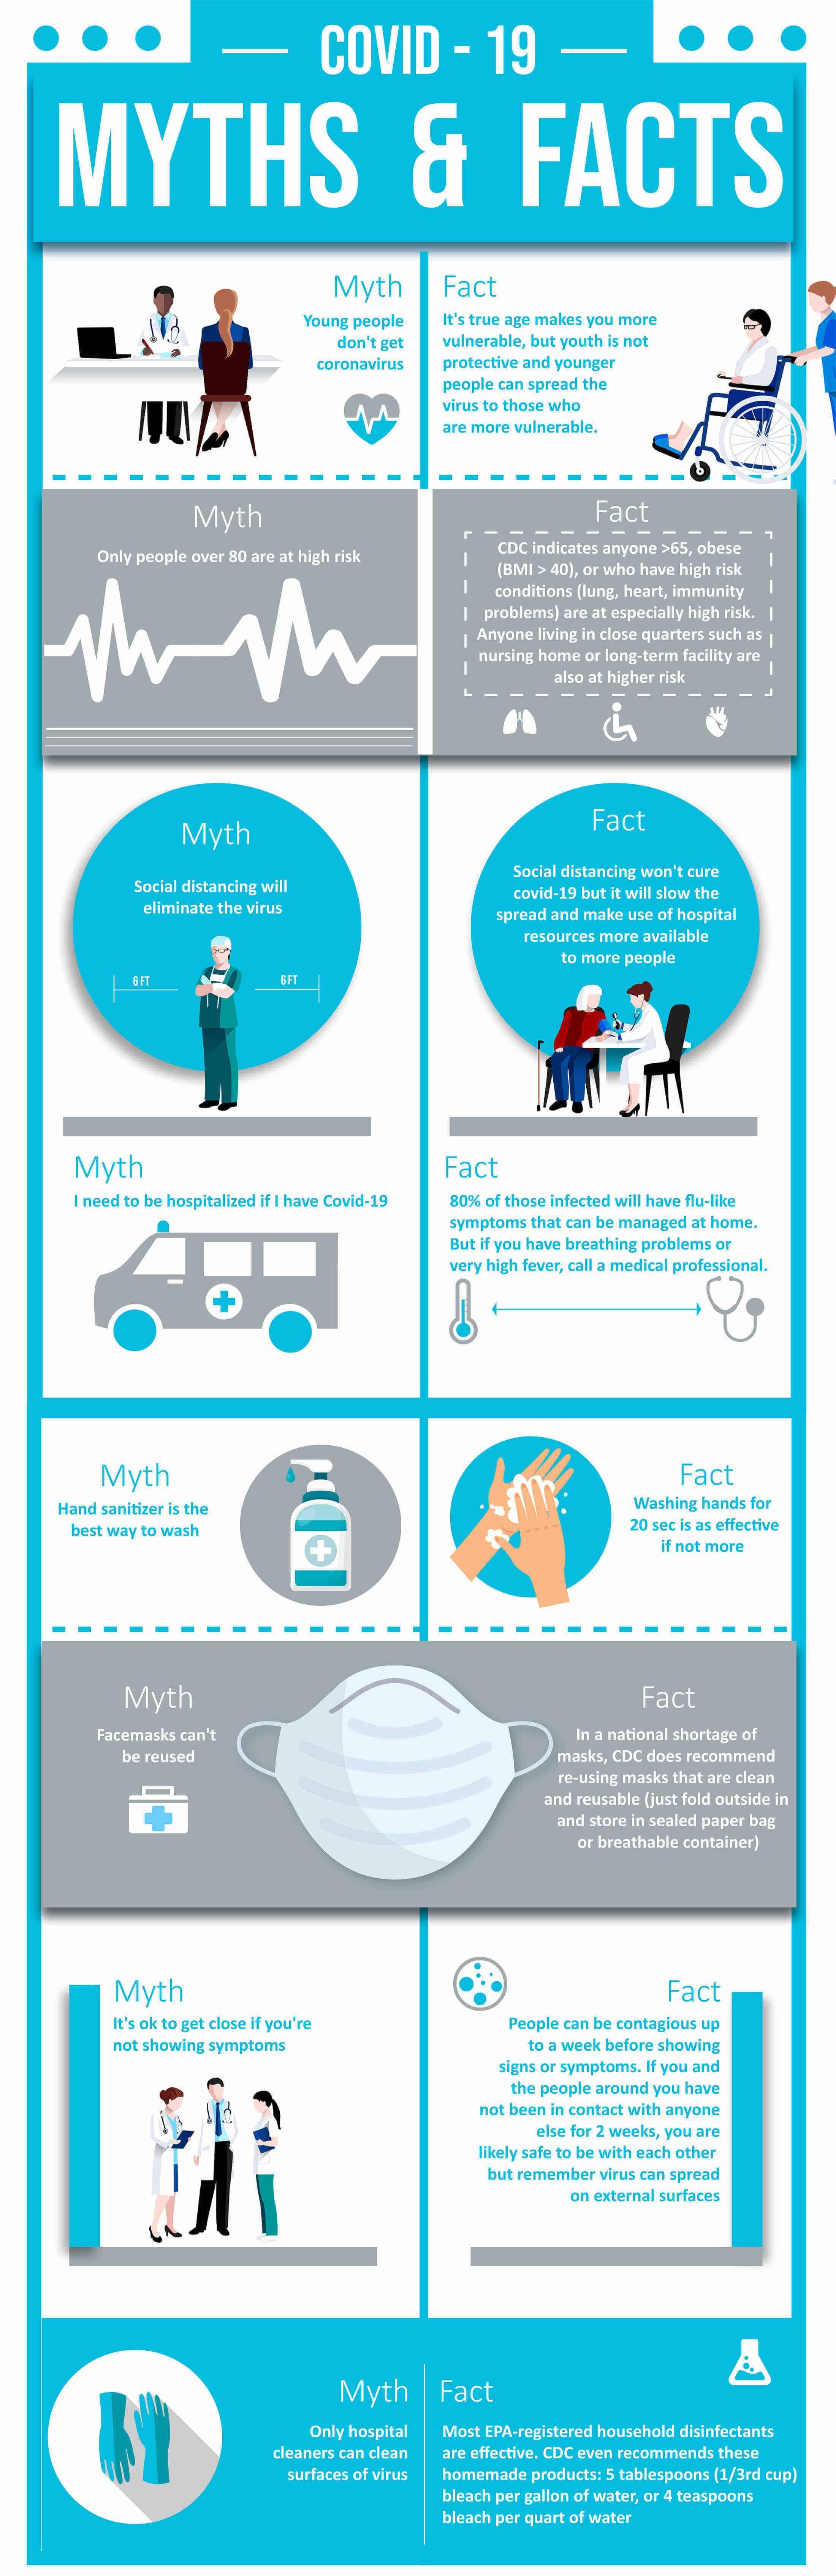 COVID-19 Myth vs Fact from Wellward